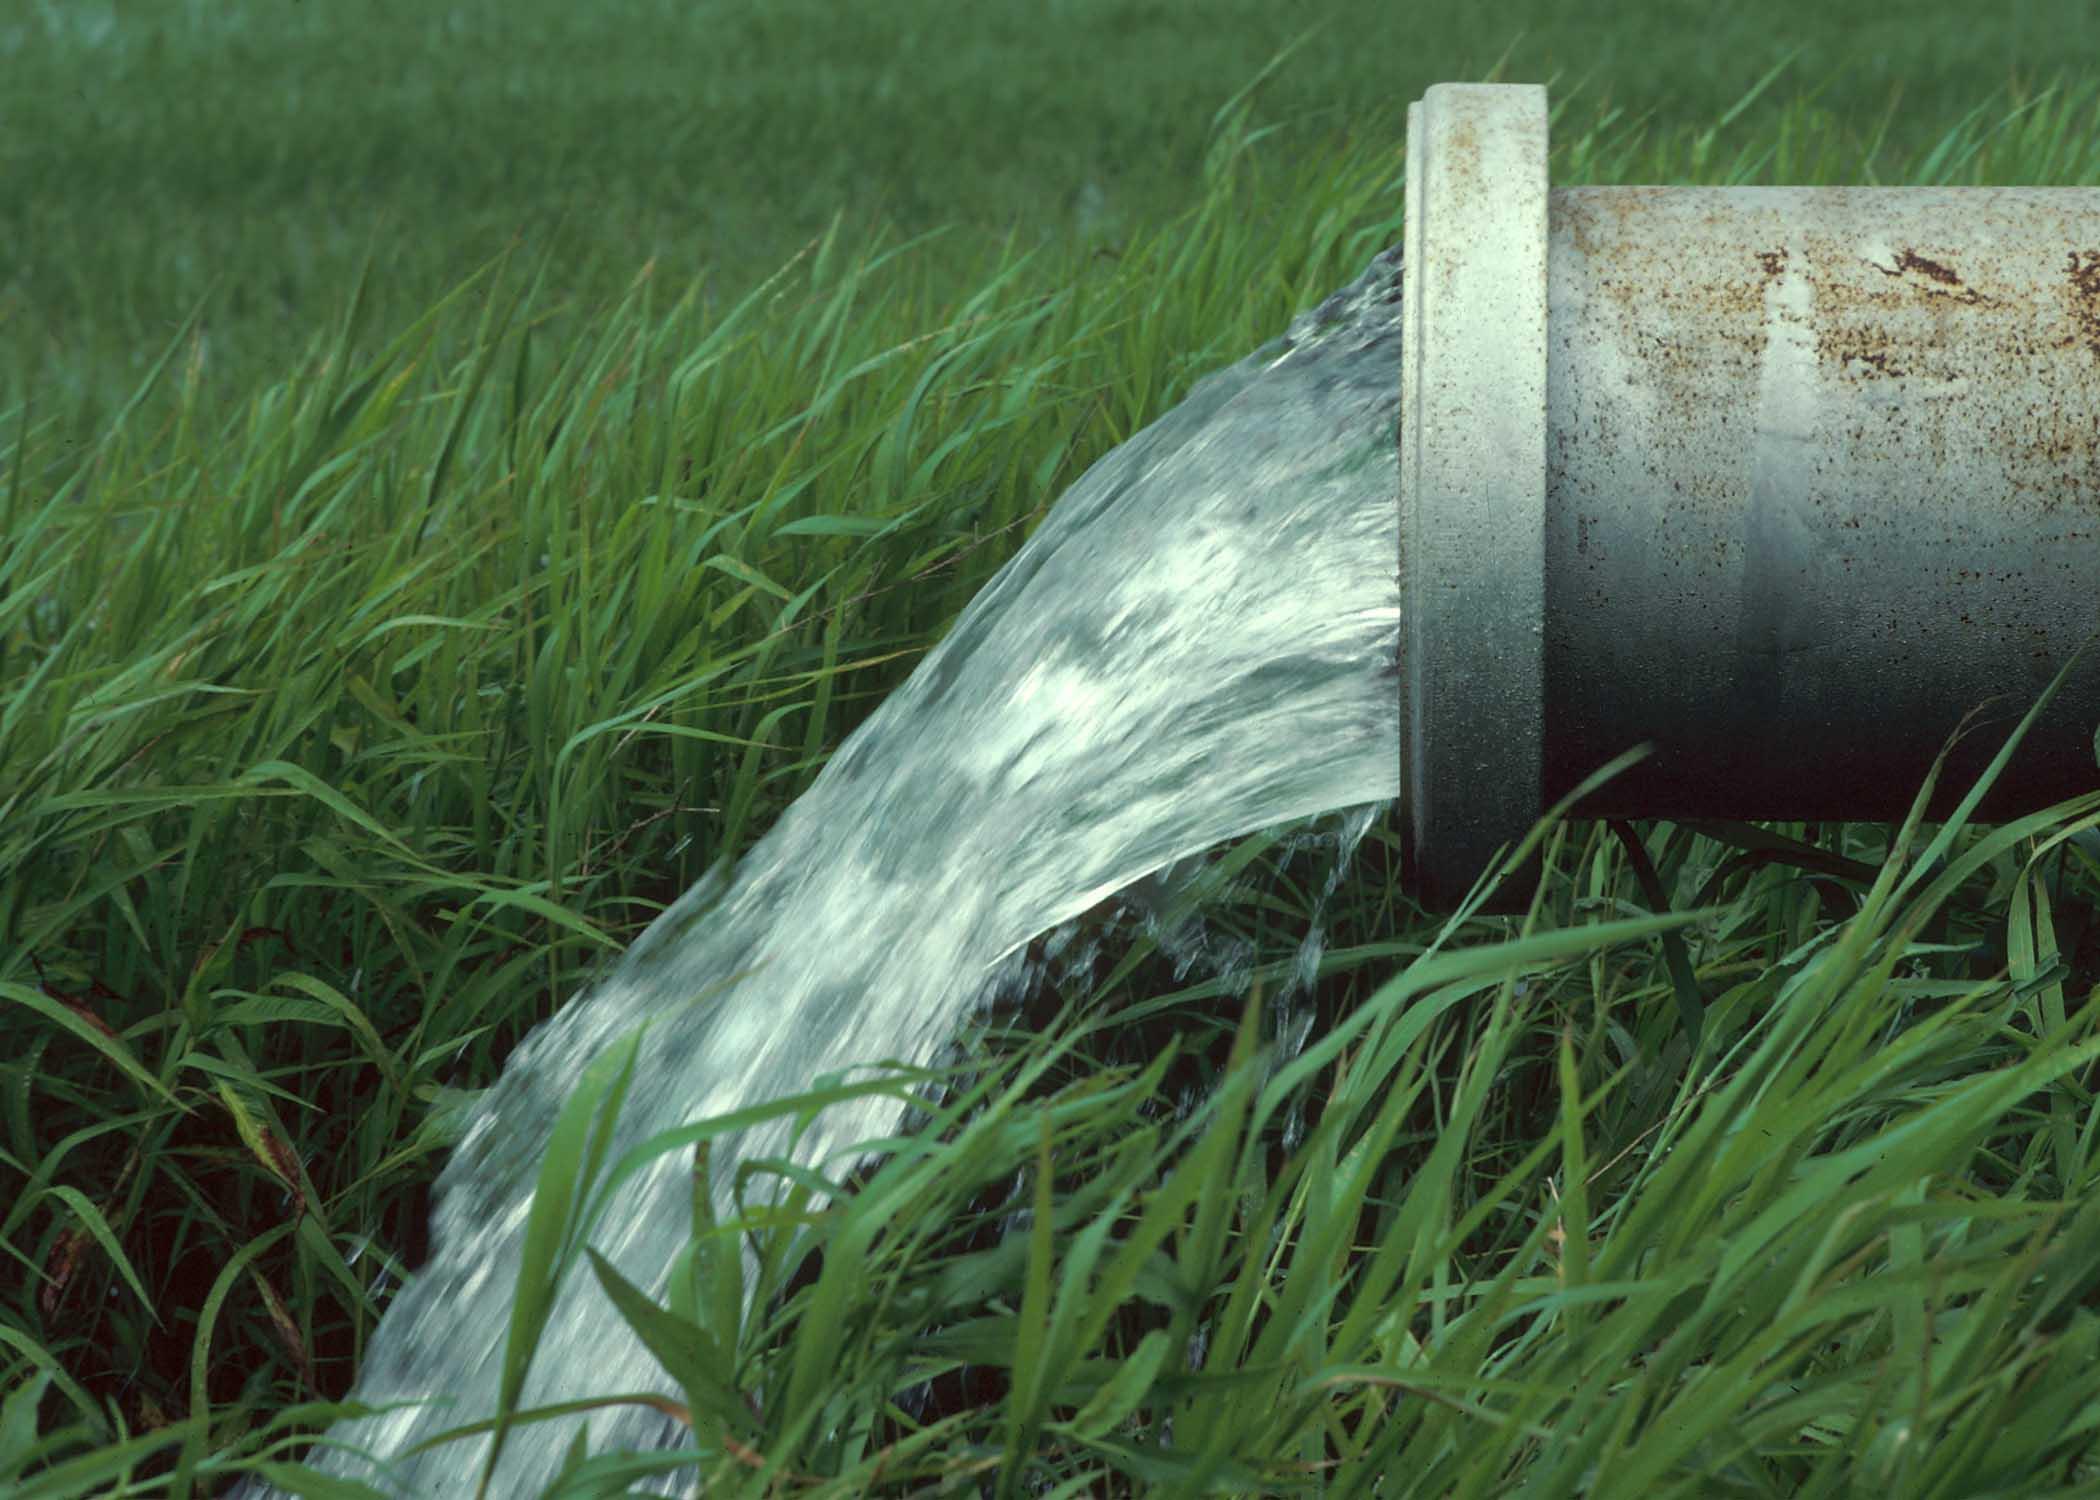 ΔΕΥΑΚ για ΤΟΕΒ Ελατοχωρίου: «Προτιμούν να φεύγει το νερό στο ρέμα παρά να συνδράμουν την Δ.Ε.Υ.Α.Κ.»